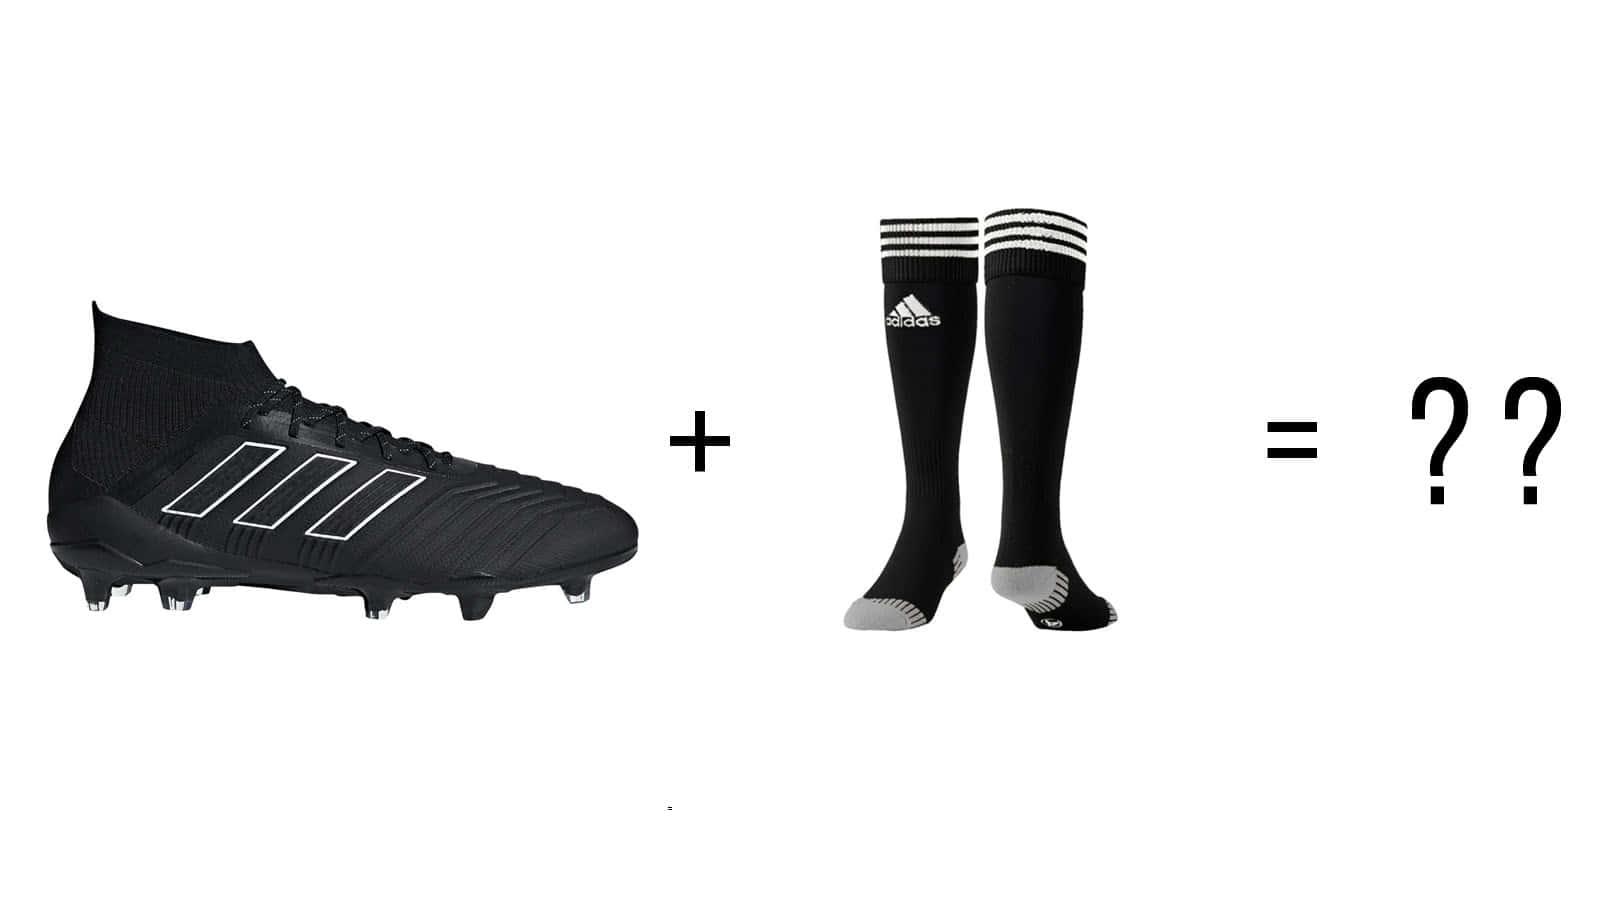 Stutzen und Socken in Fußballschuhen mit Socken